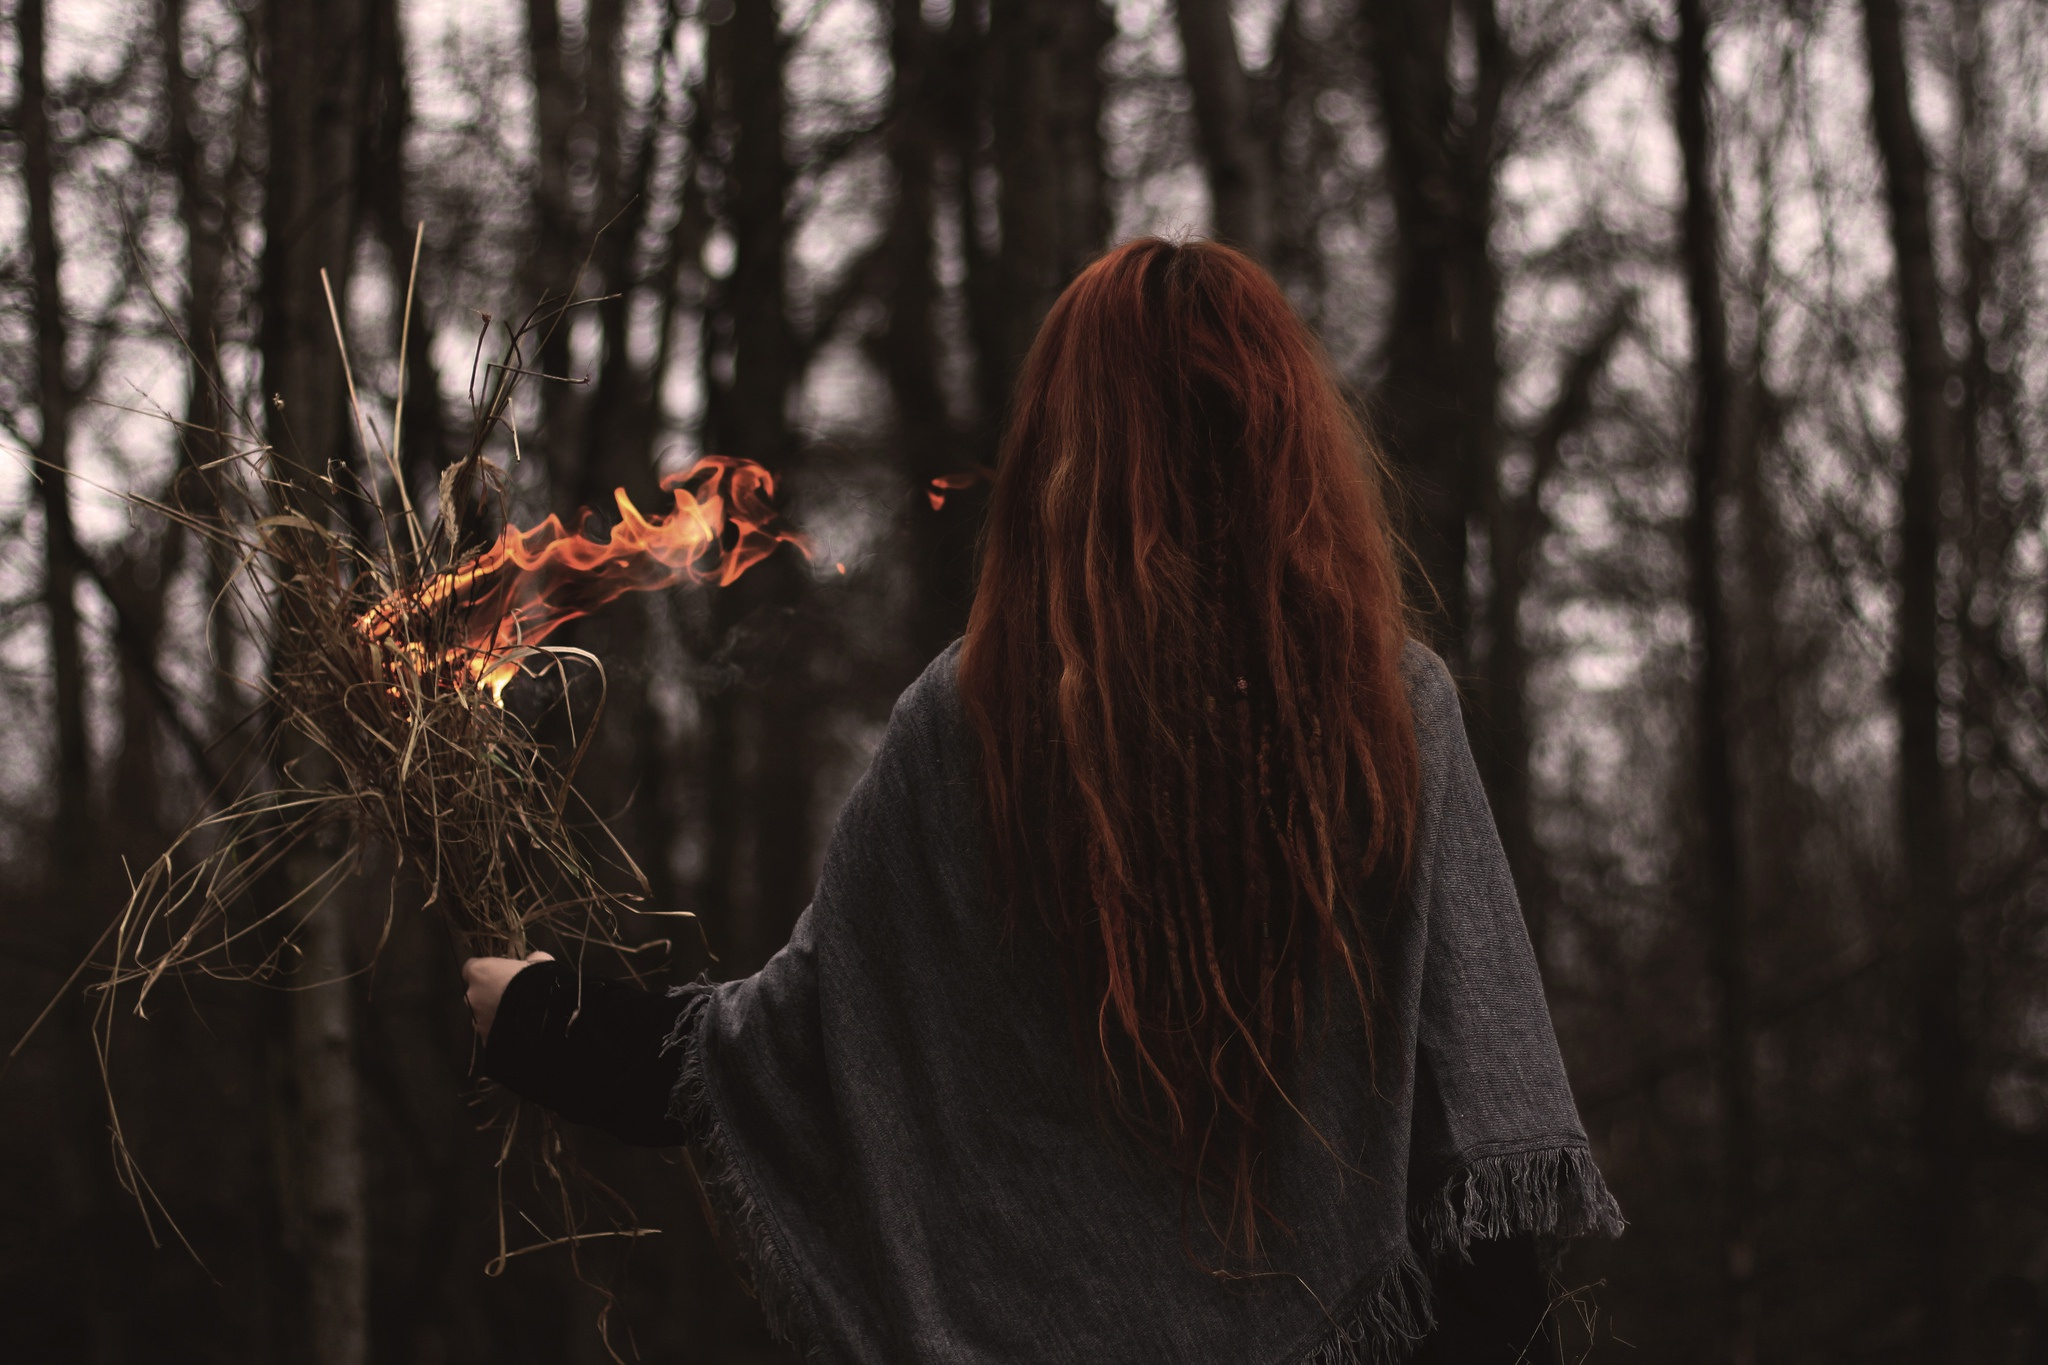 Фотографии девушек с рыжими волосами со спины, Рыжие девушки со спины (36 фото) 17 фотография